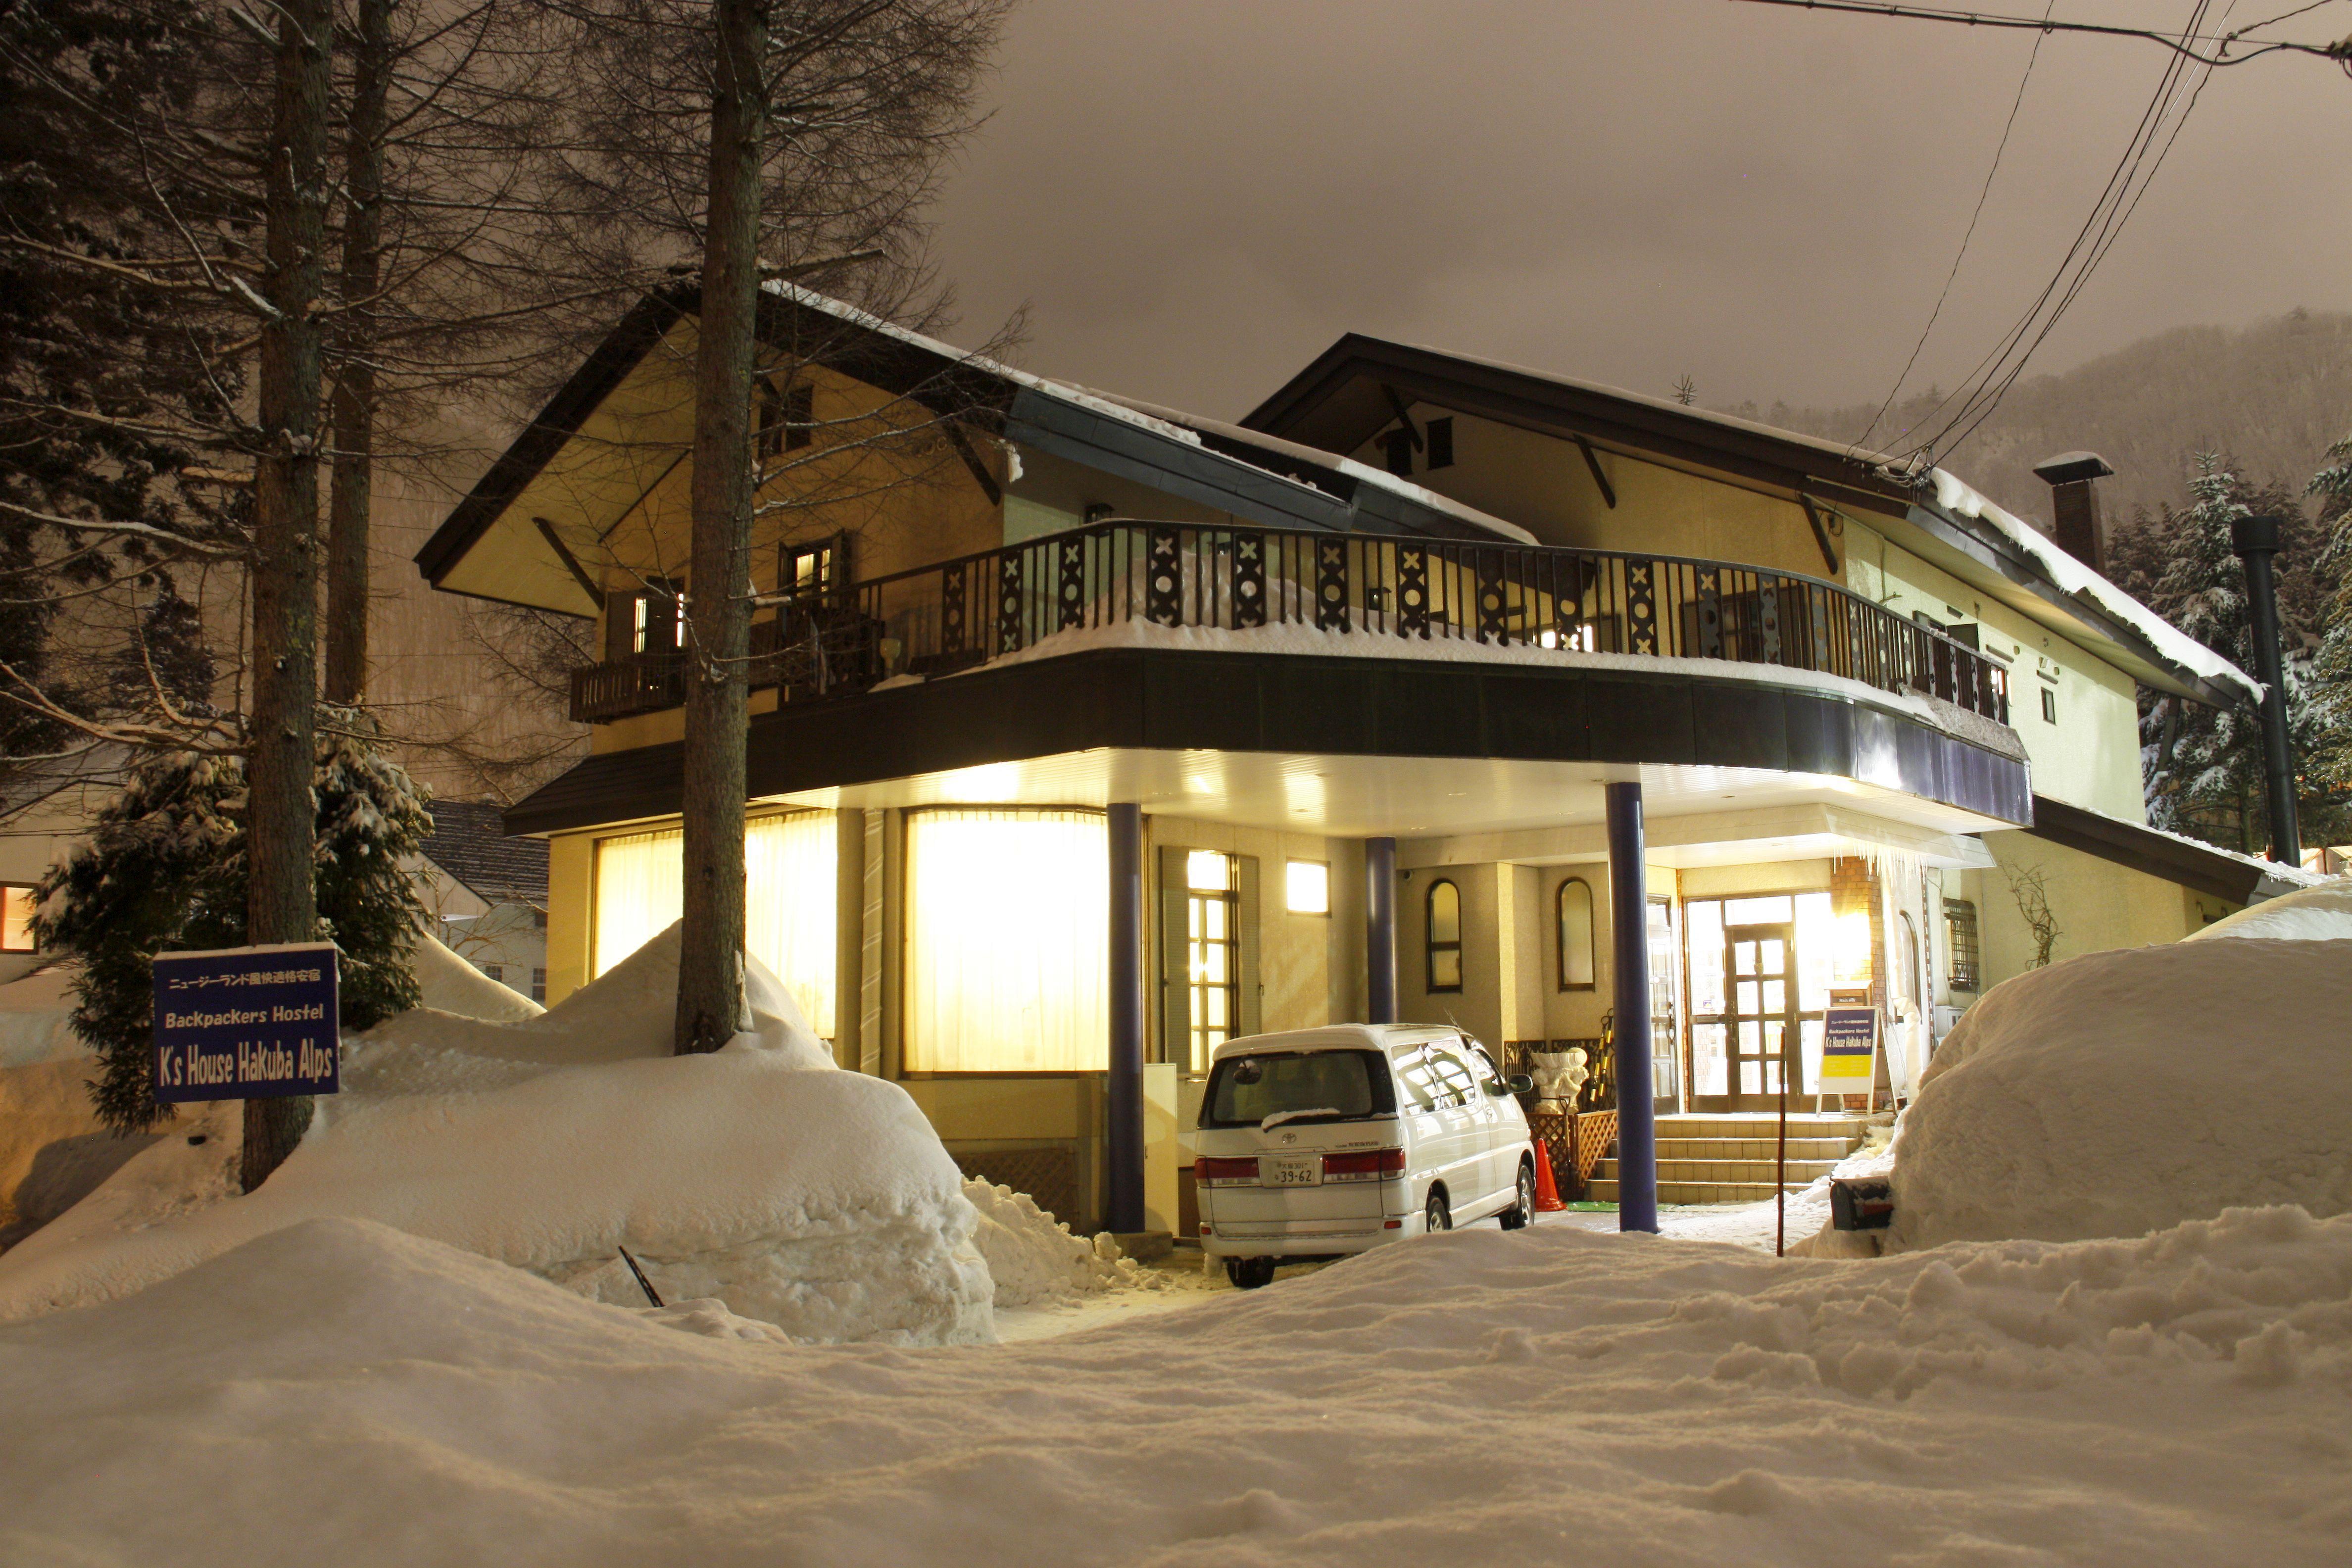 [アルバイト・パート][長野]冬の白馬でホステルアルバイト募集